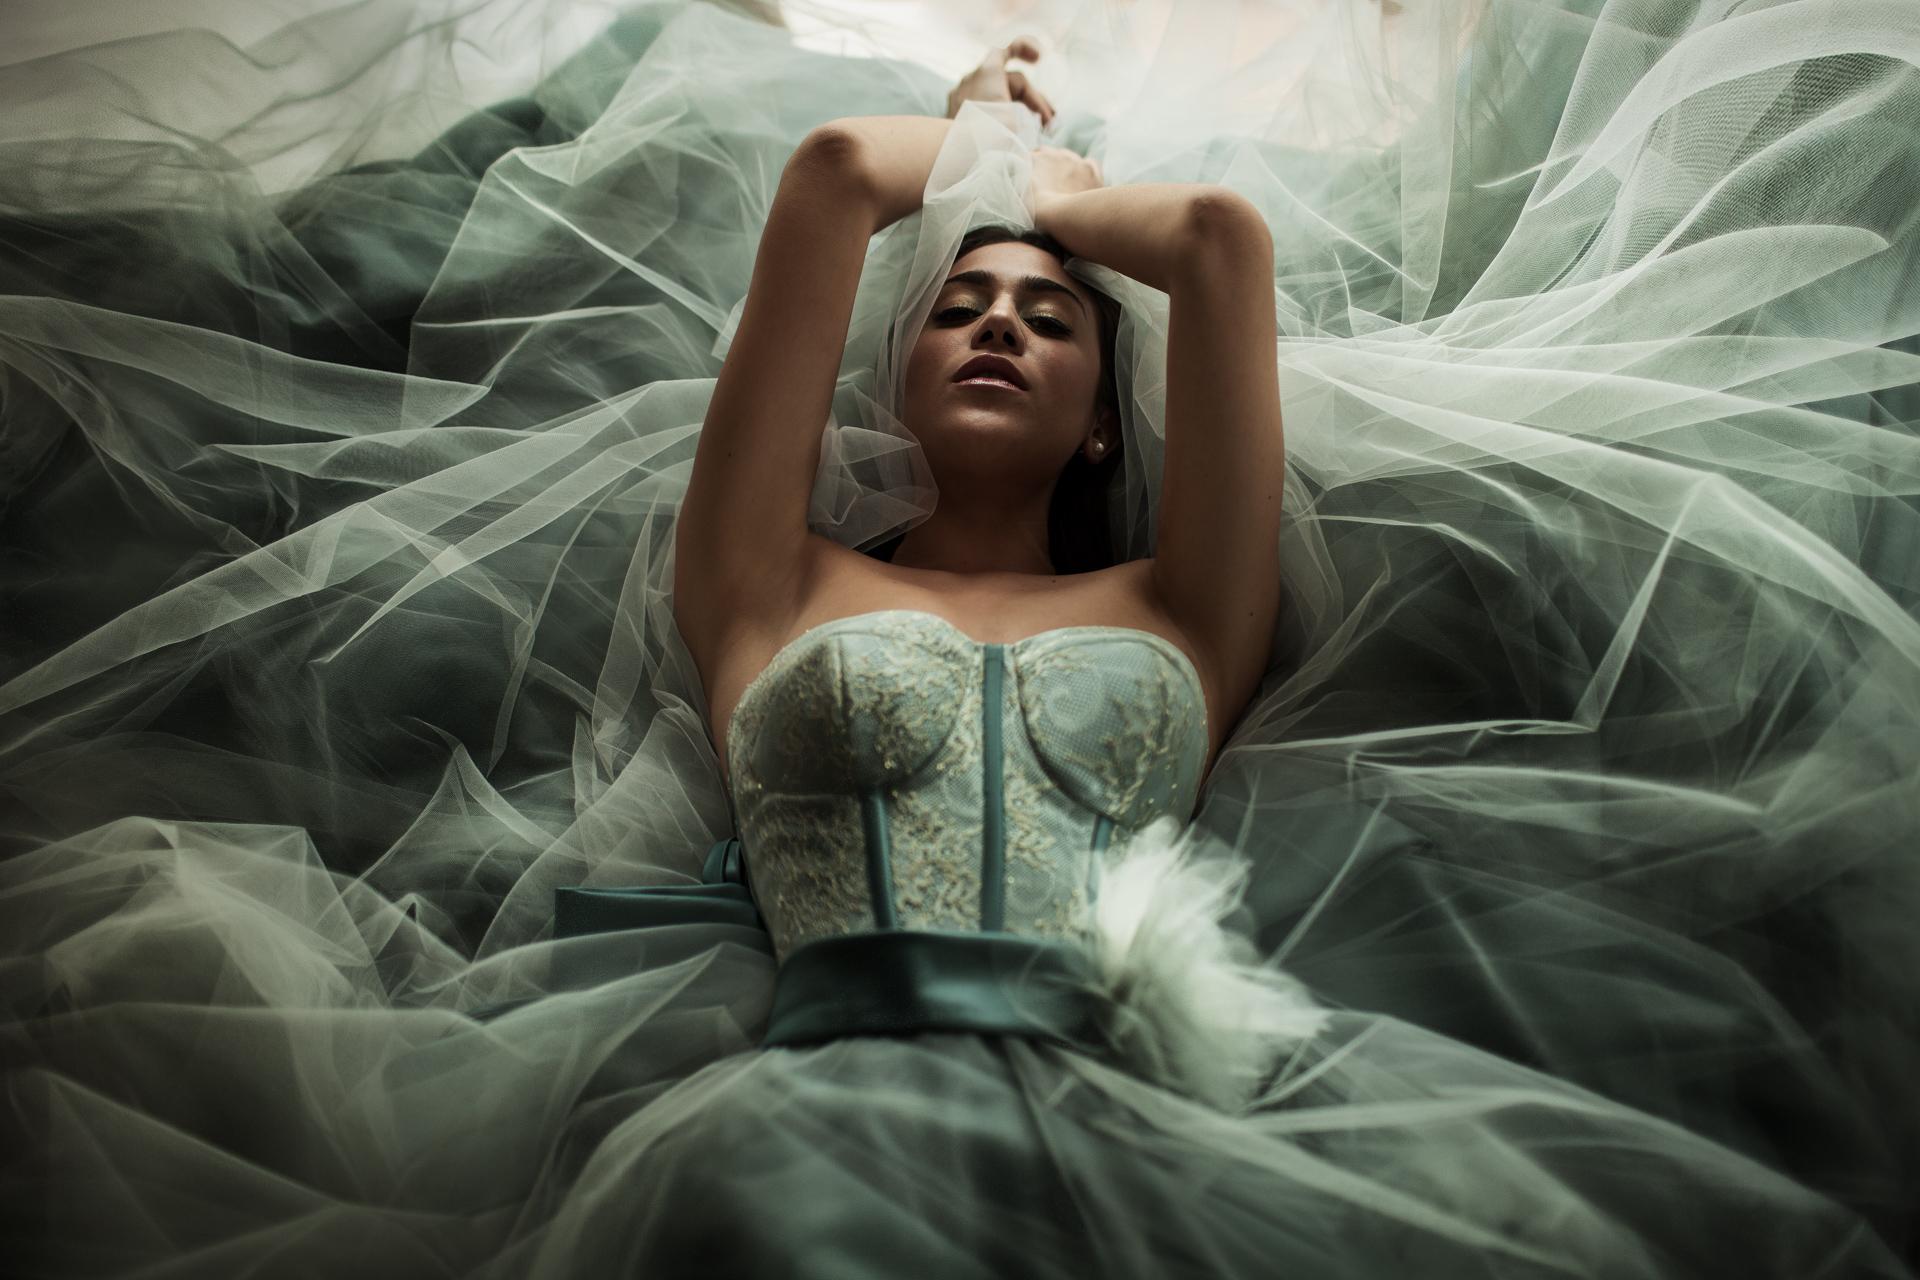 model-wearing-wedding-dress